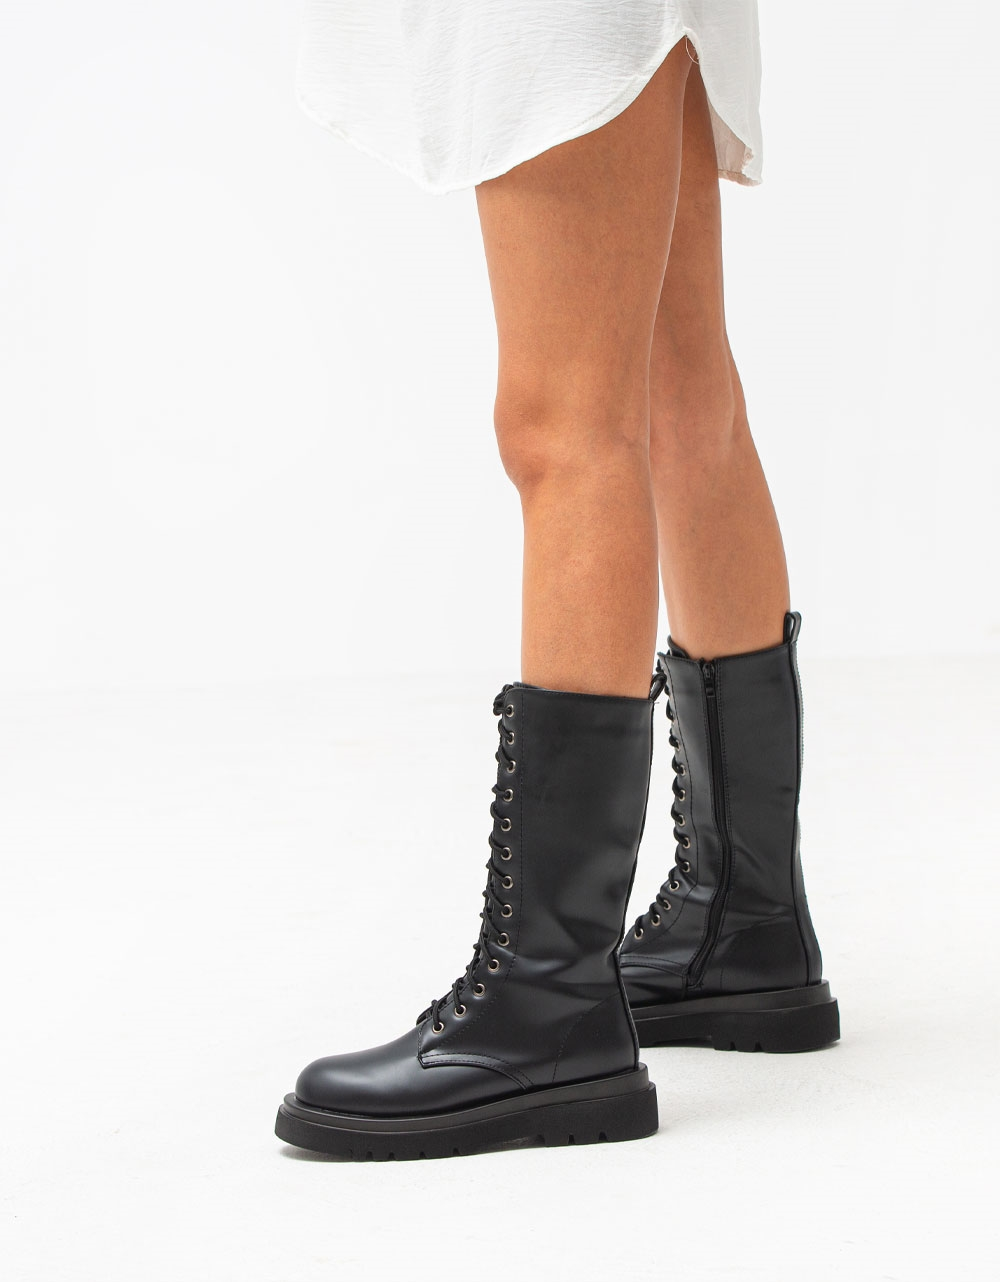 Εικόνα από Γυναικείες μπότες με κορδόνια Μαύρο